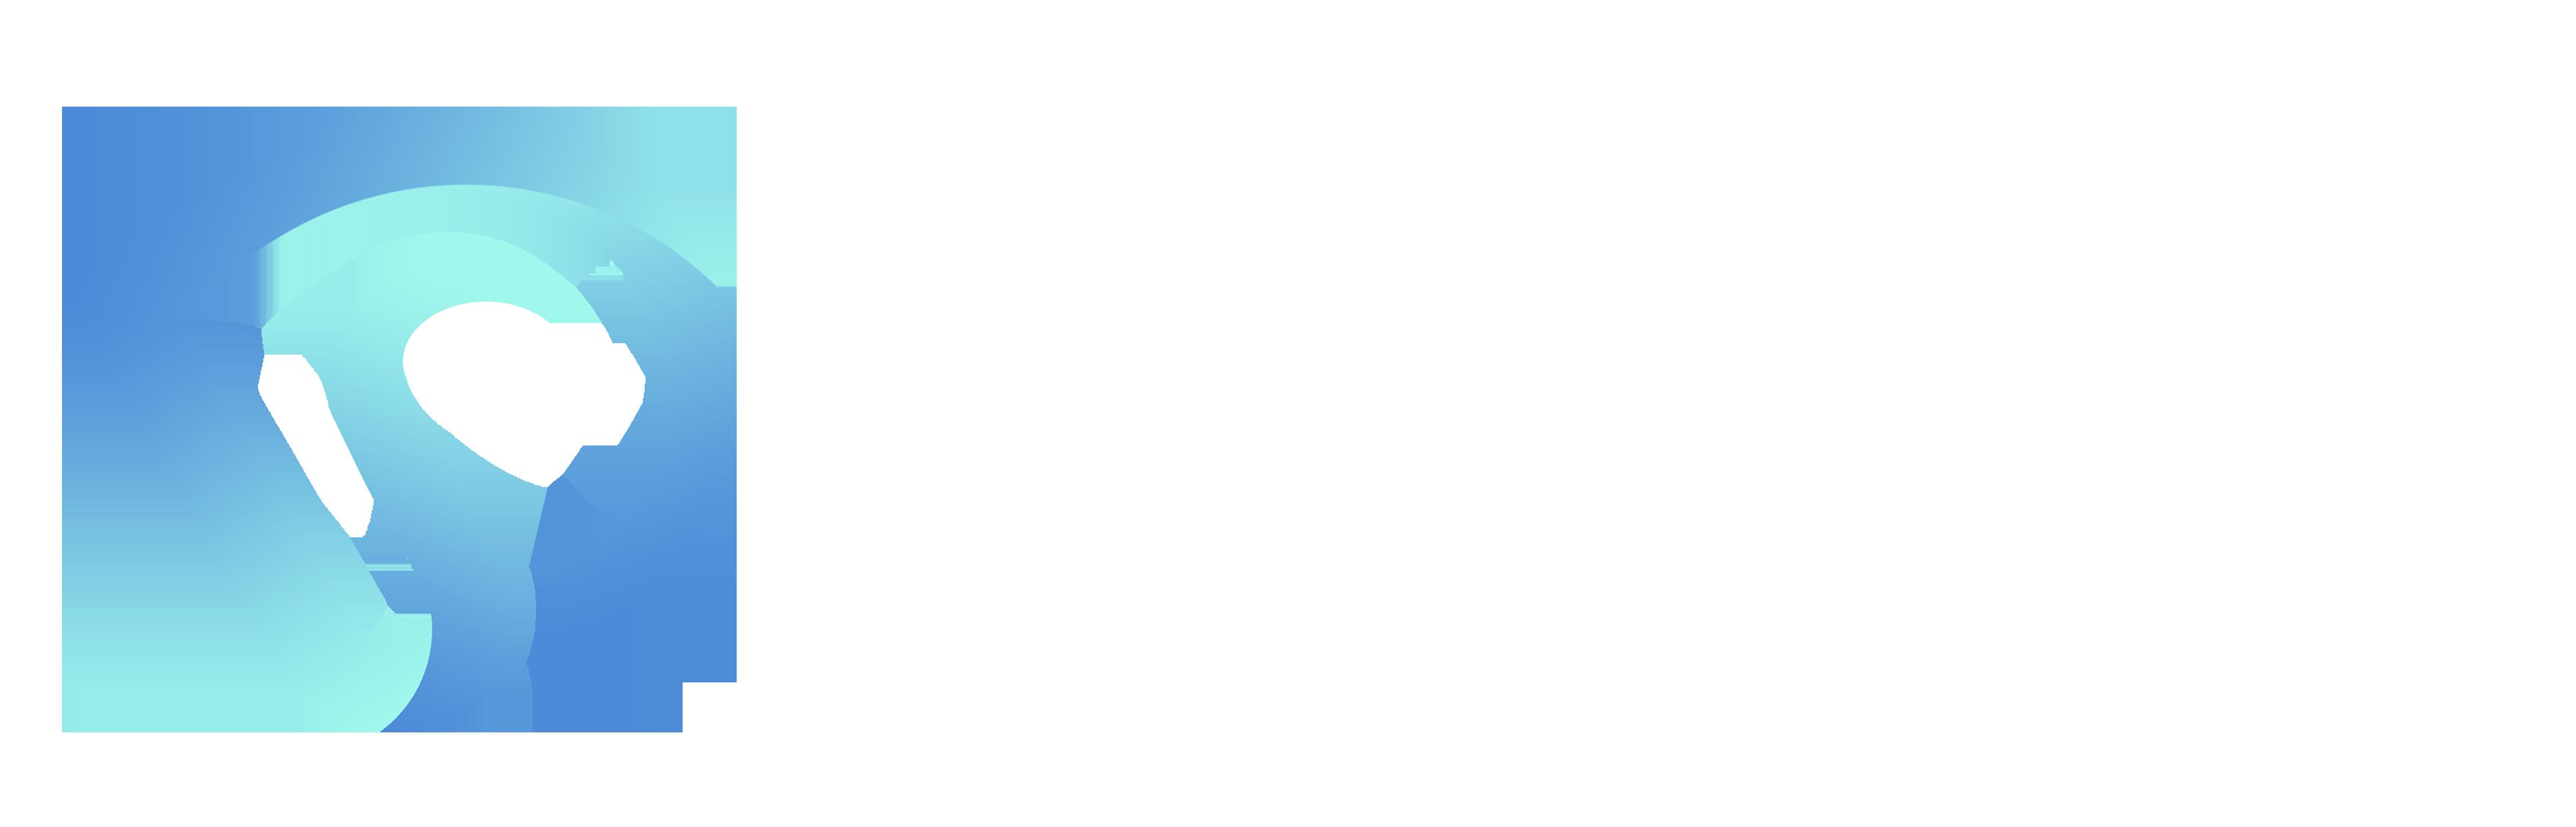 Chrome Signage